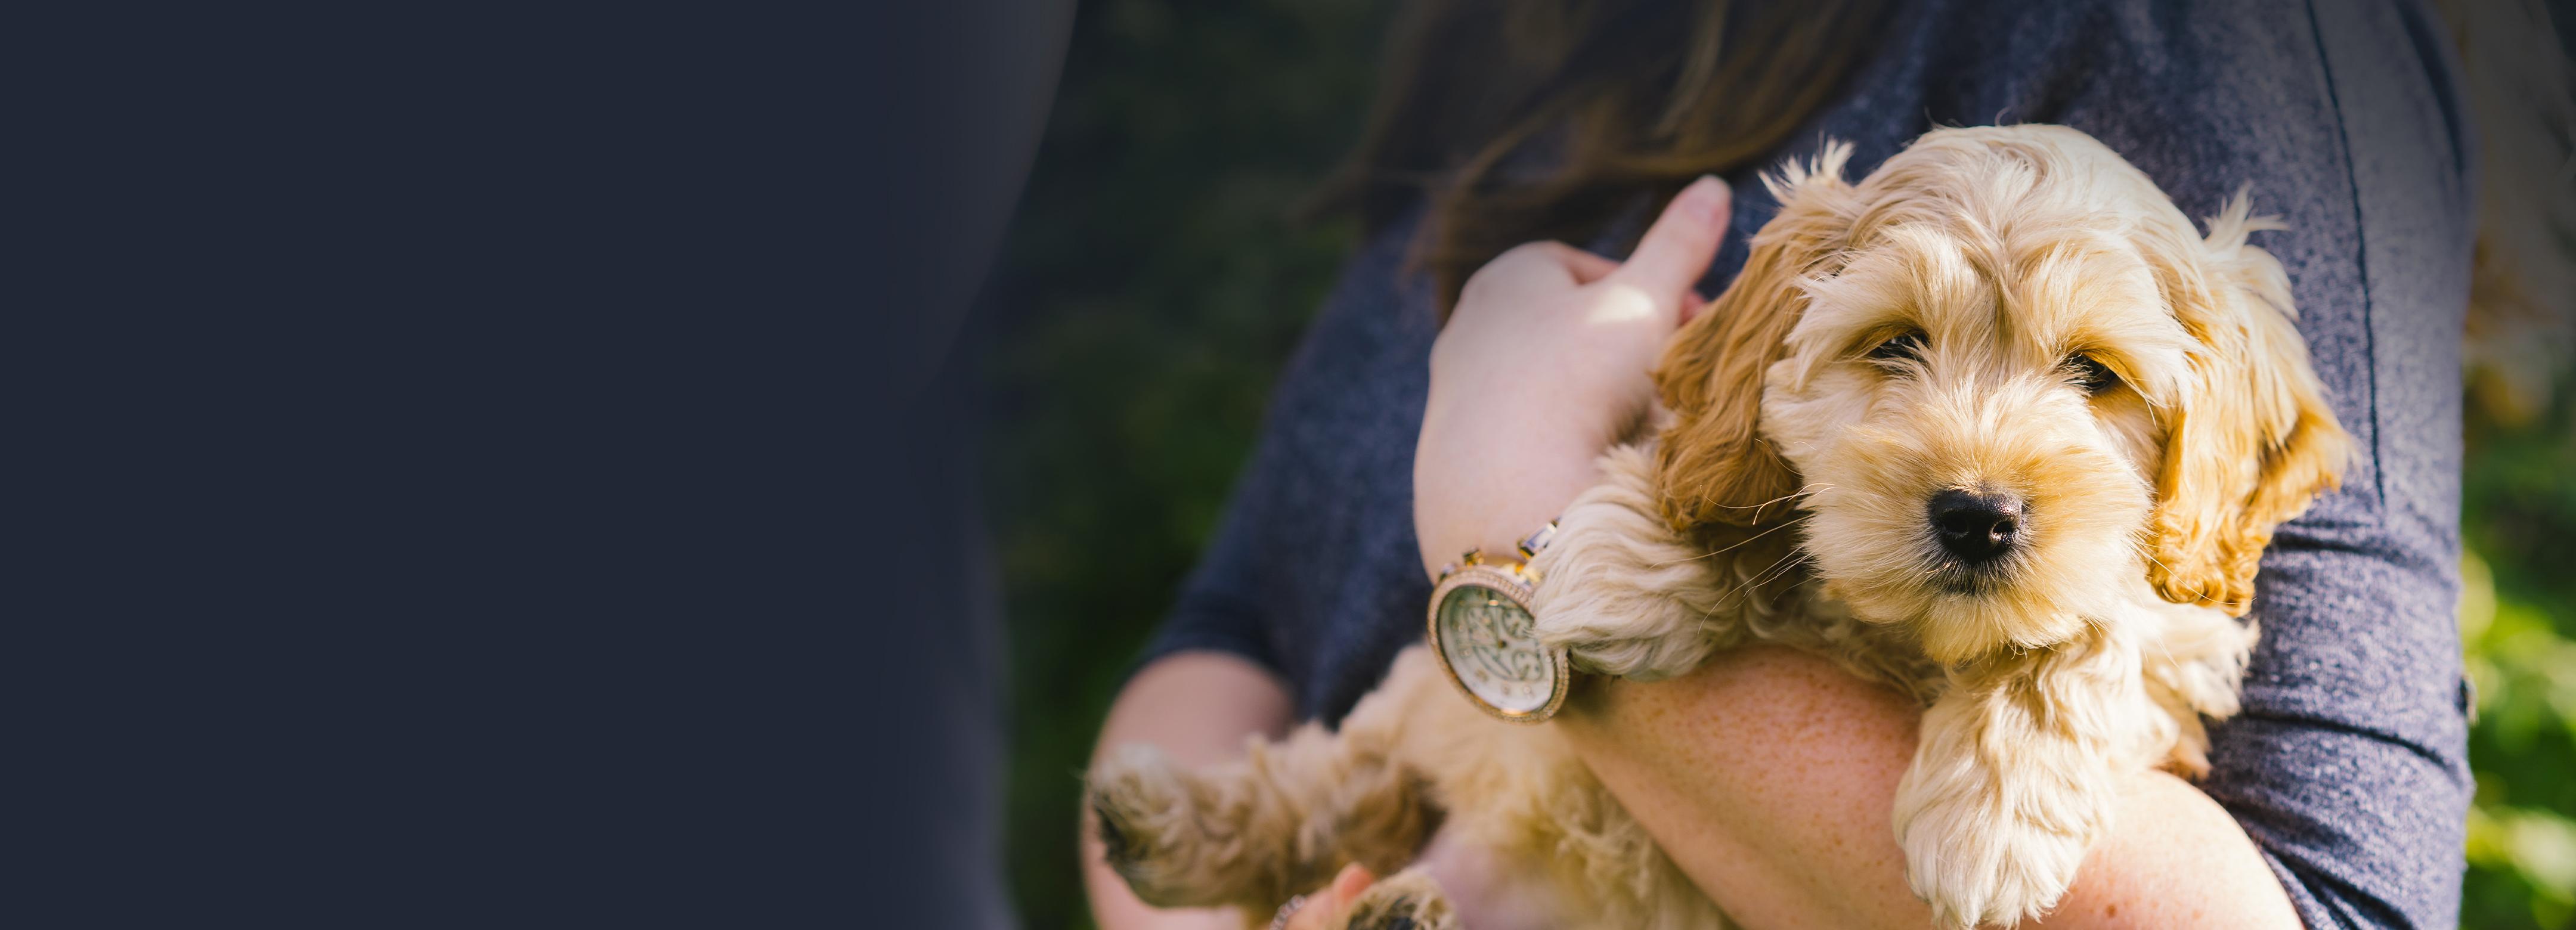 Waggel Pet Insurance